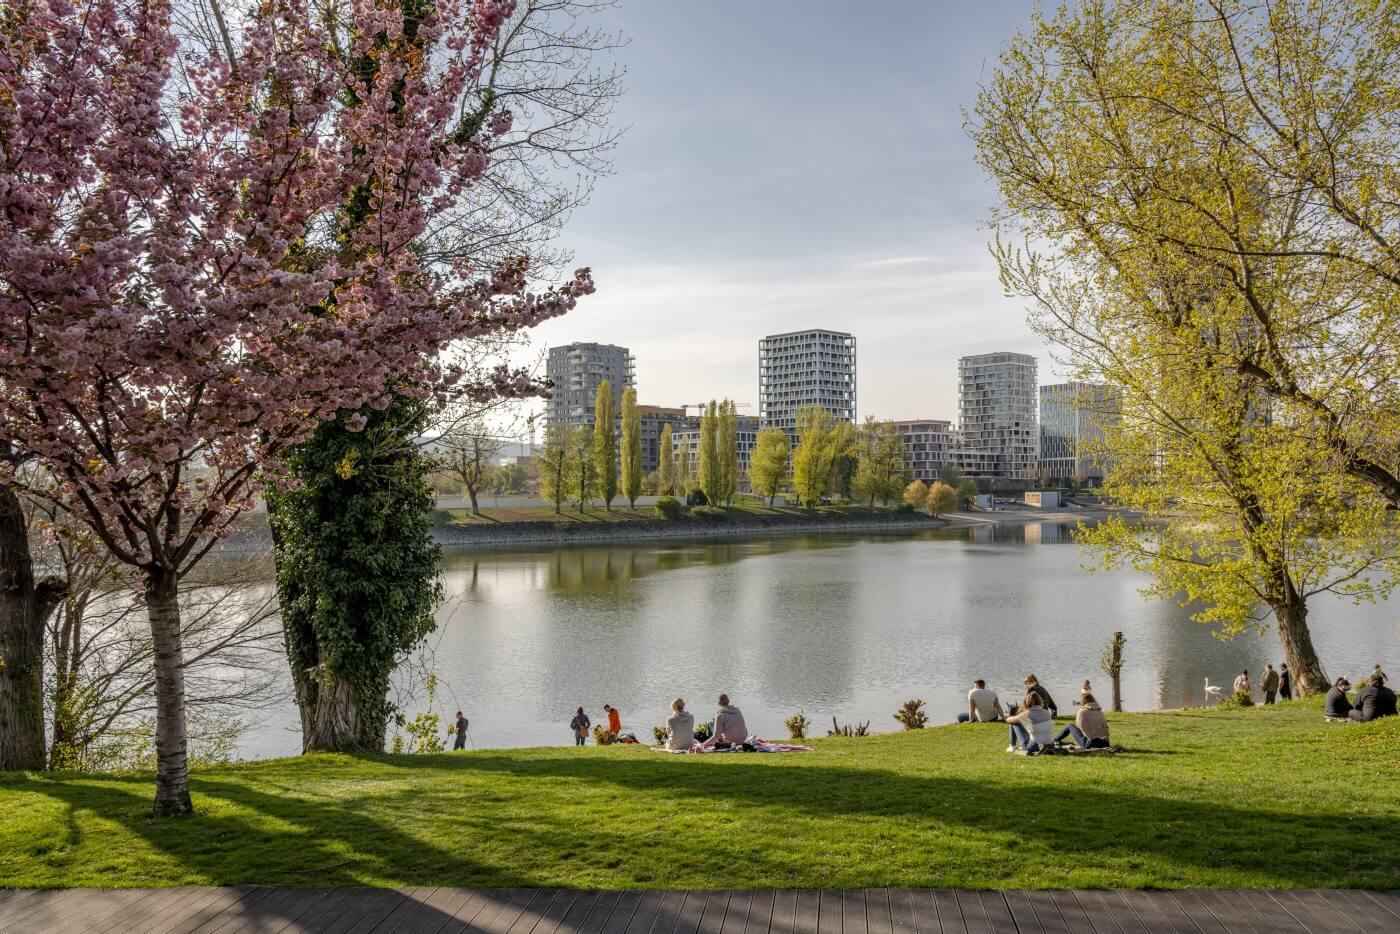 BudaPart, itt egy teljesen új városnegyed születik – interjú